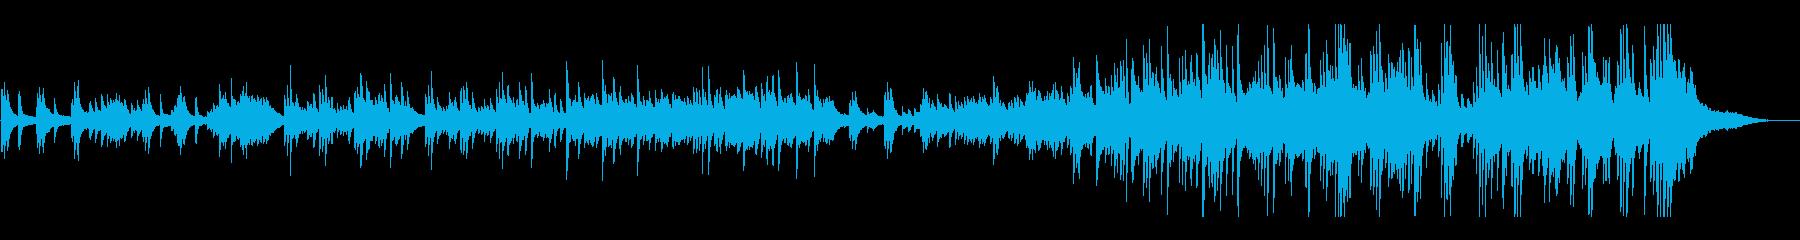 結婚式 感動的なピアノソロの再生済みの波形